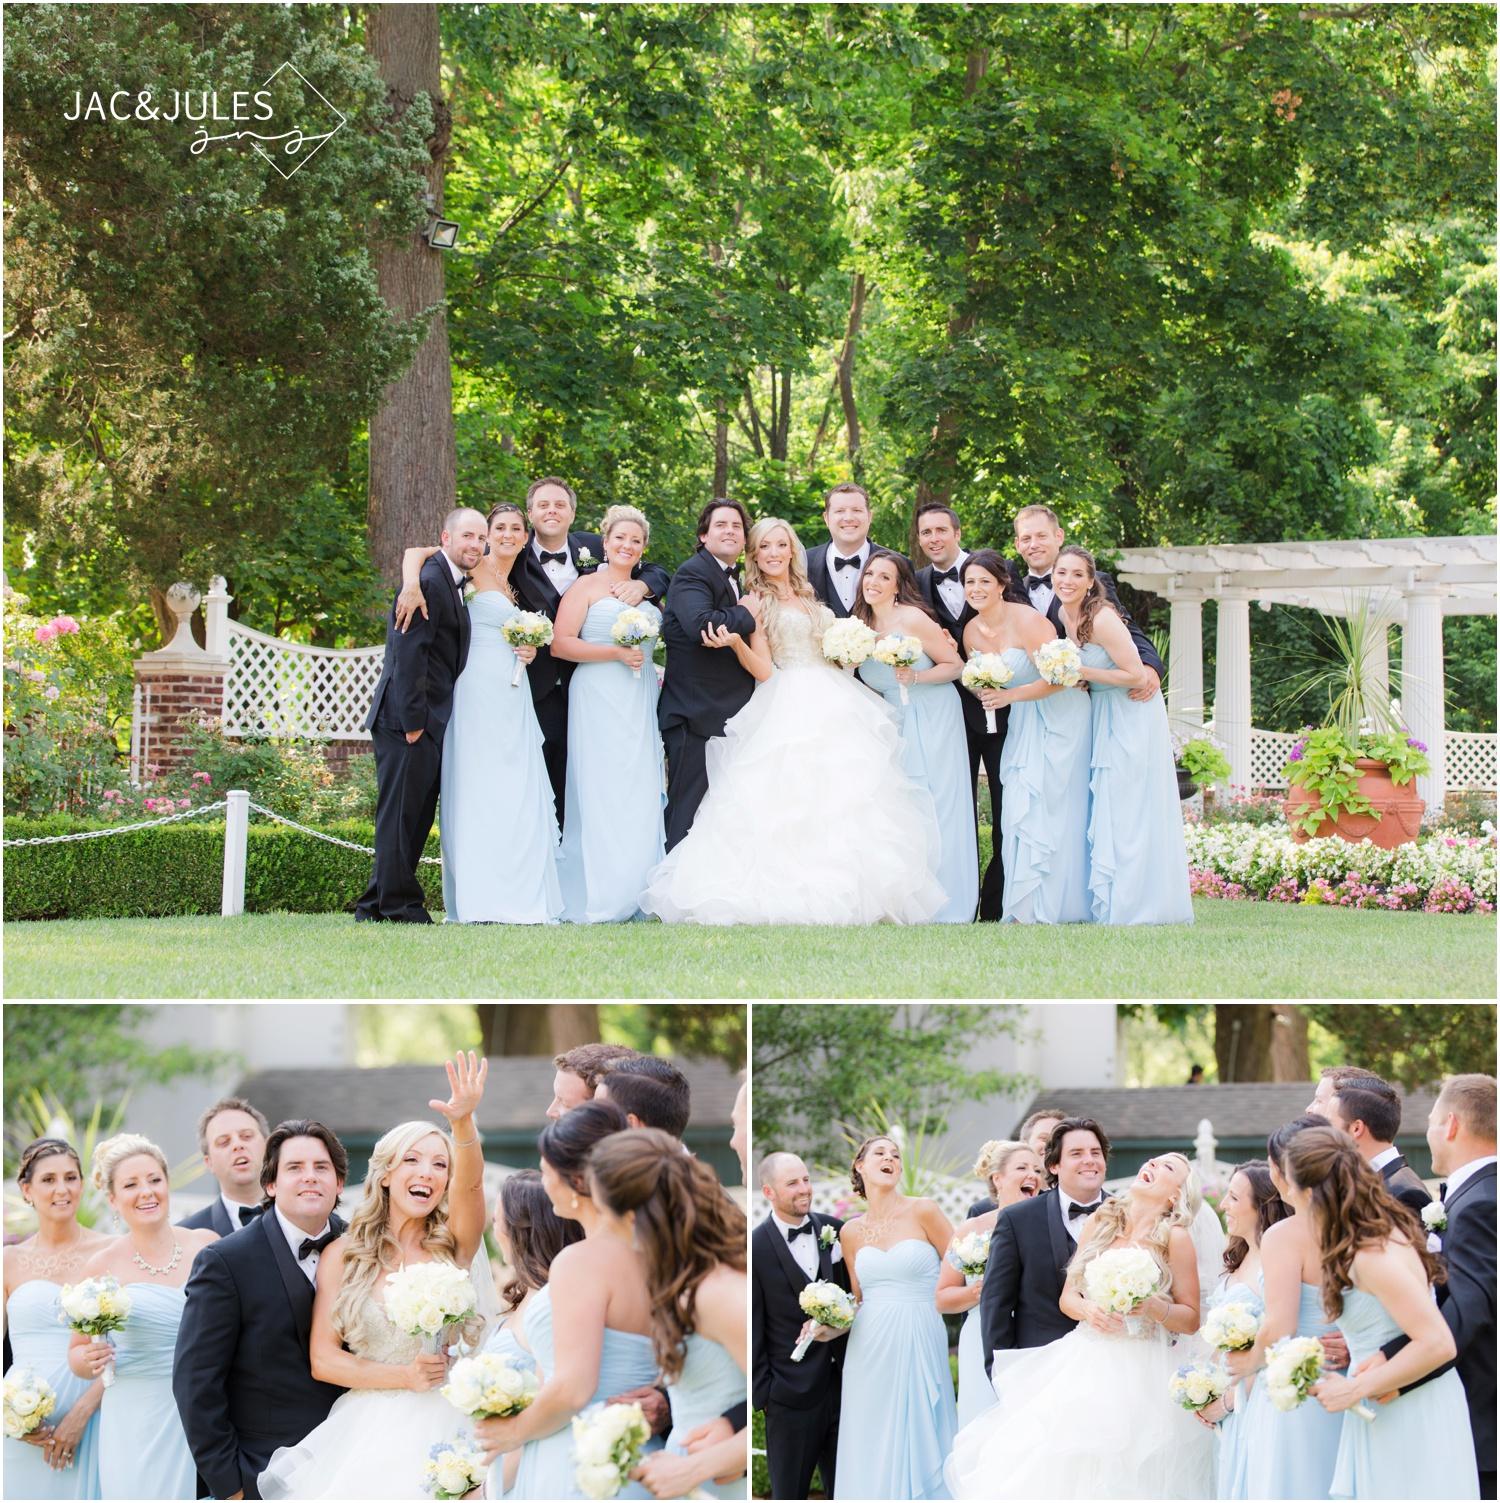 Fun bridal party photos at The Shadowbrook in Shrewsbury, NJ.